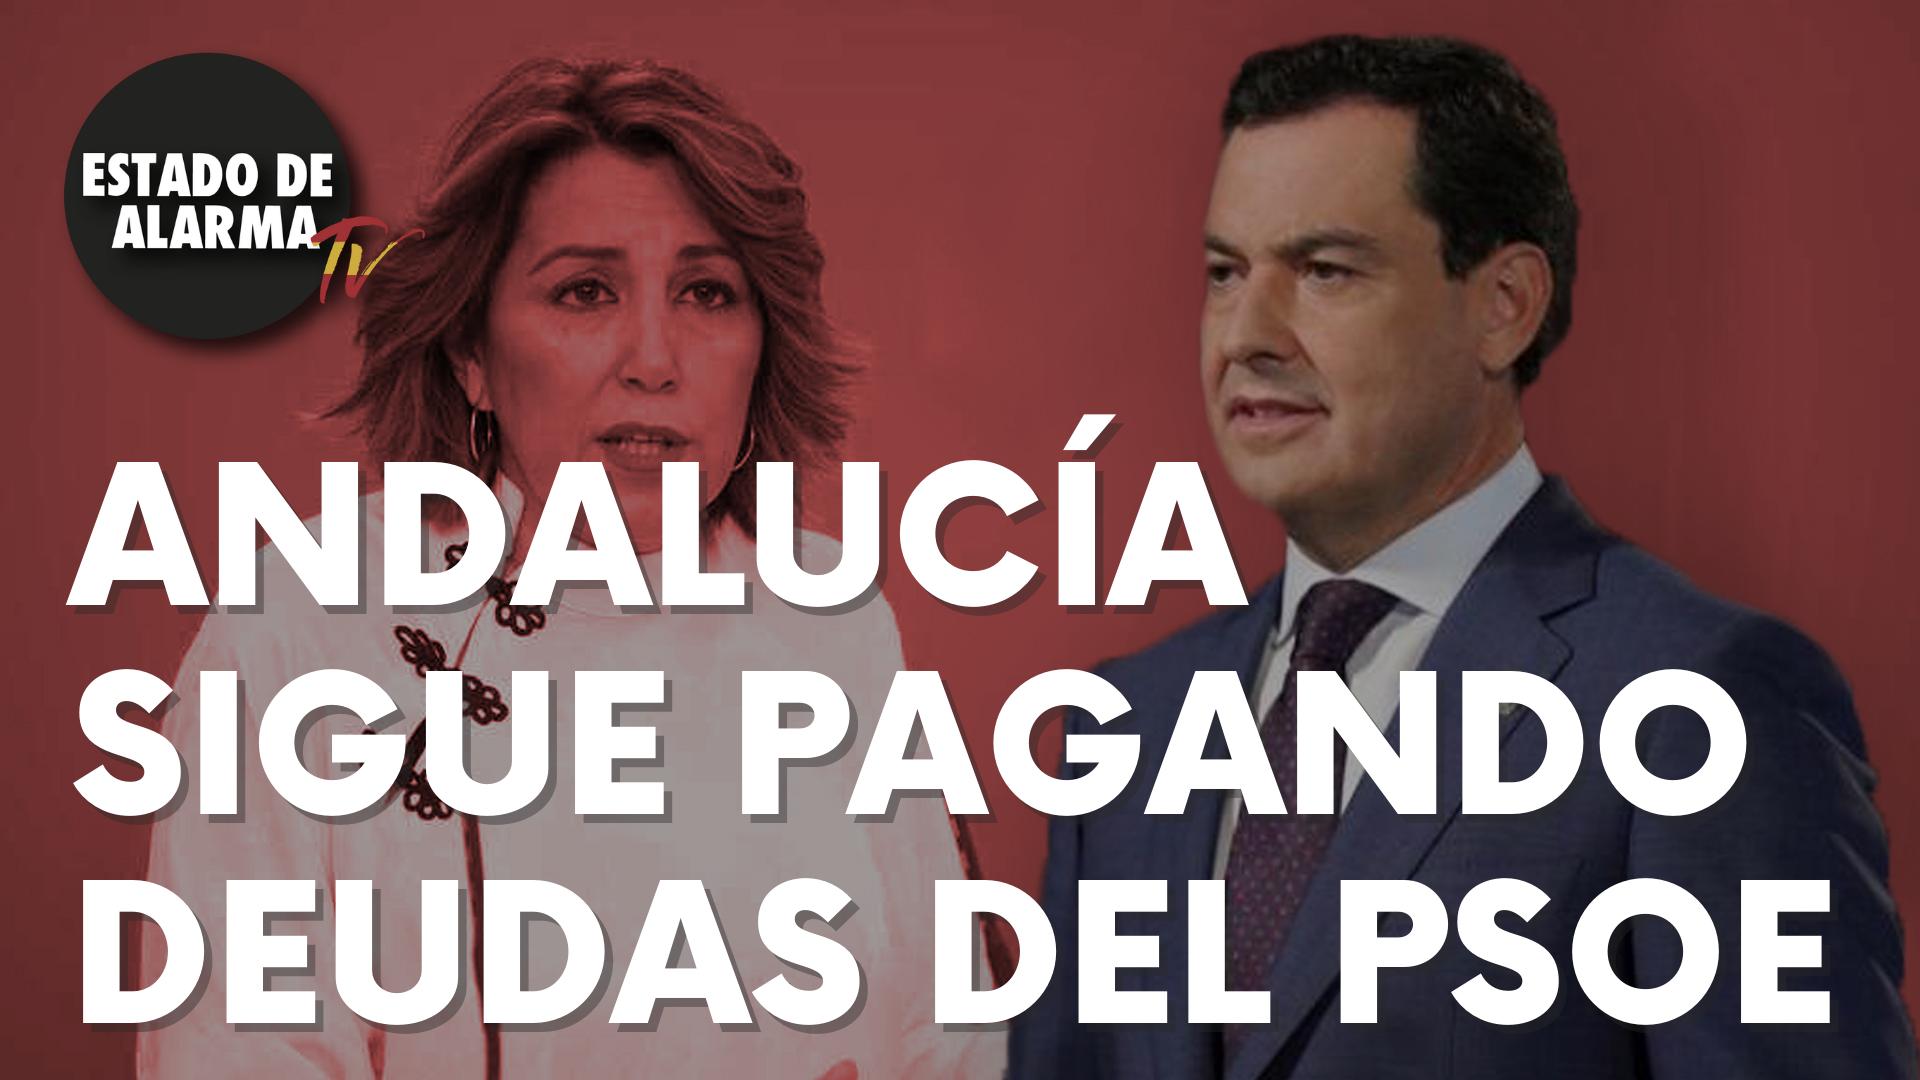 Andalucía sigue pagando deudas del PSOE